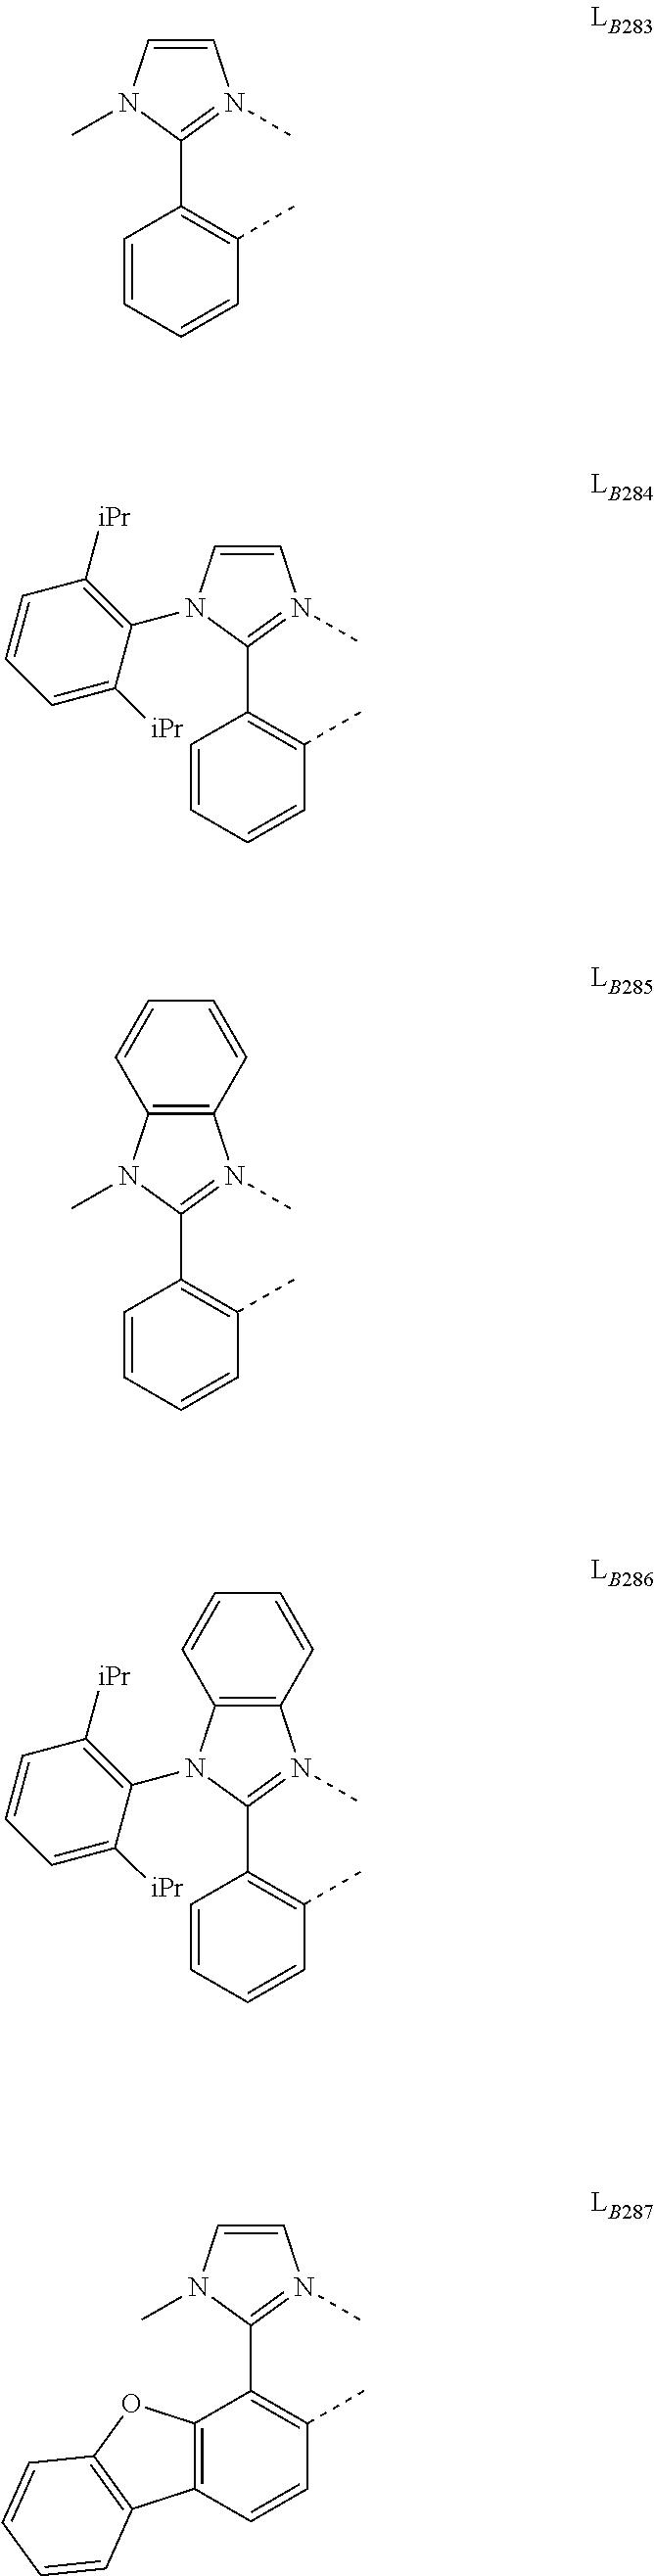 Figure US09929360-20180327-C00101